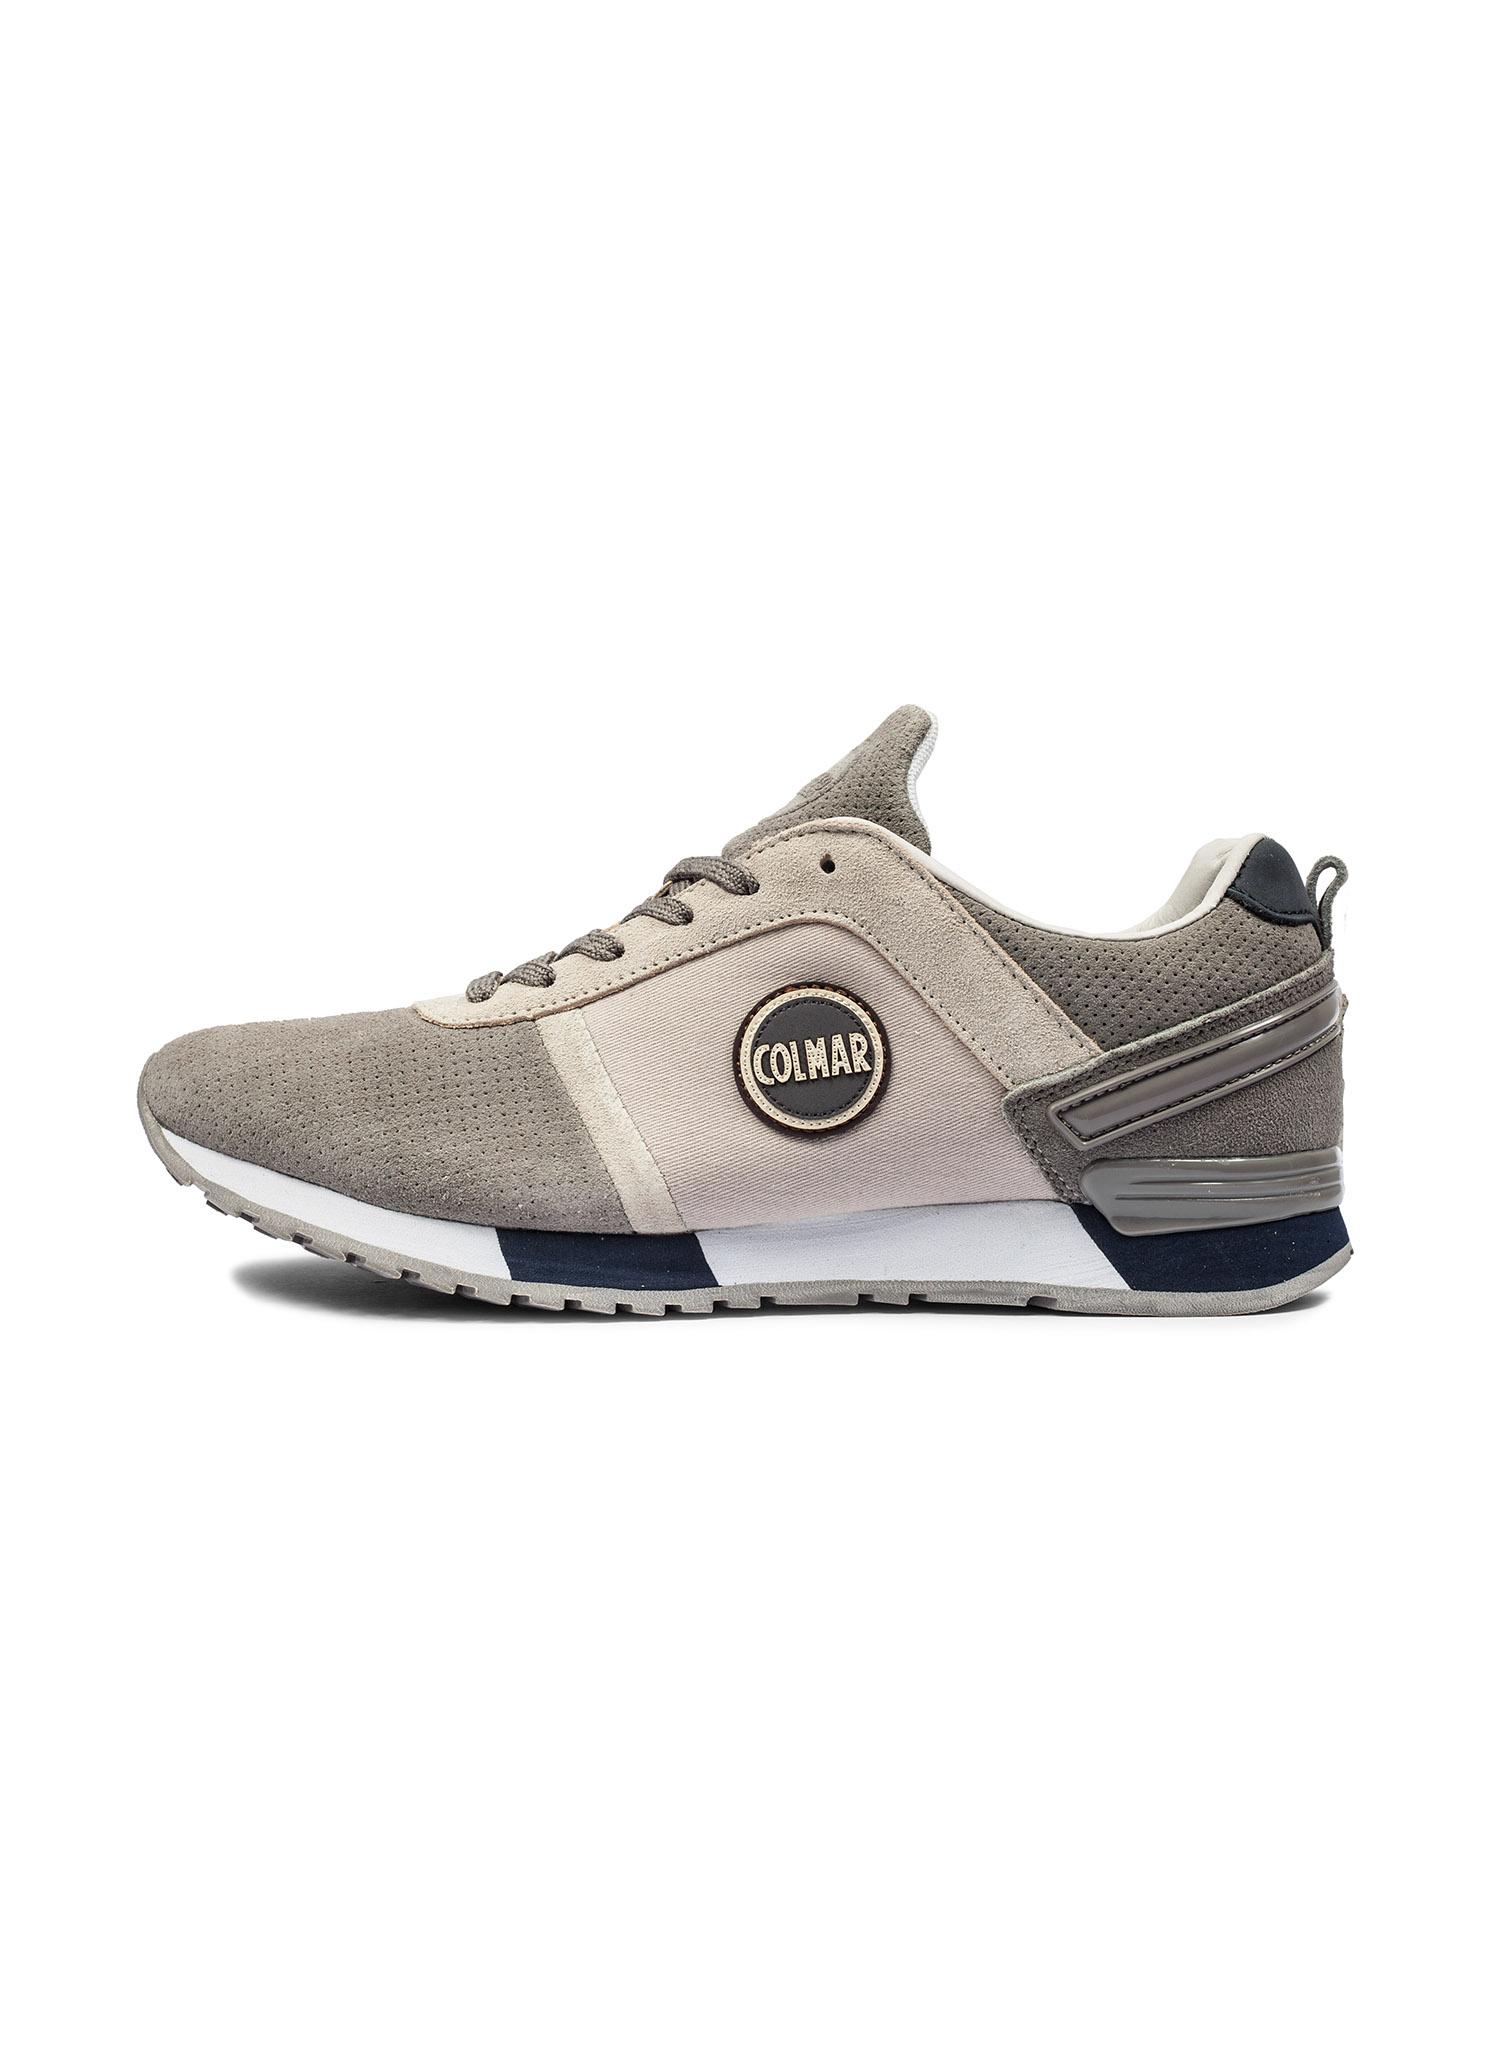 Colmar Originals lancia la linea di sneakers Research